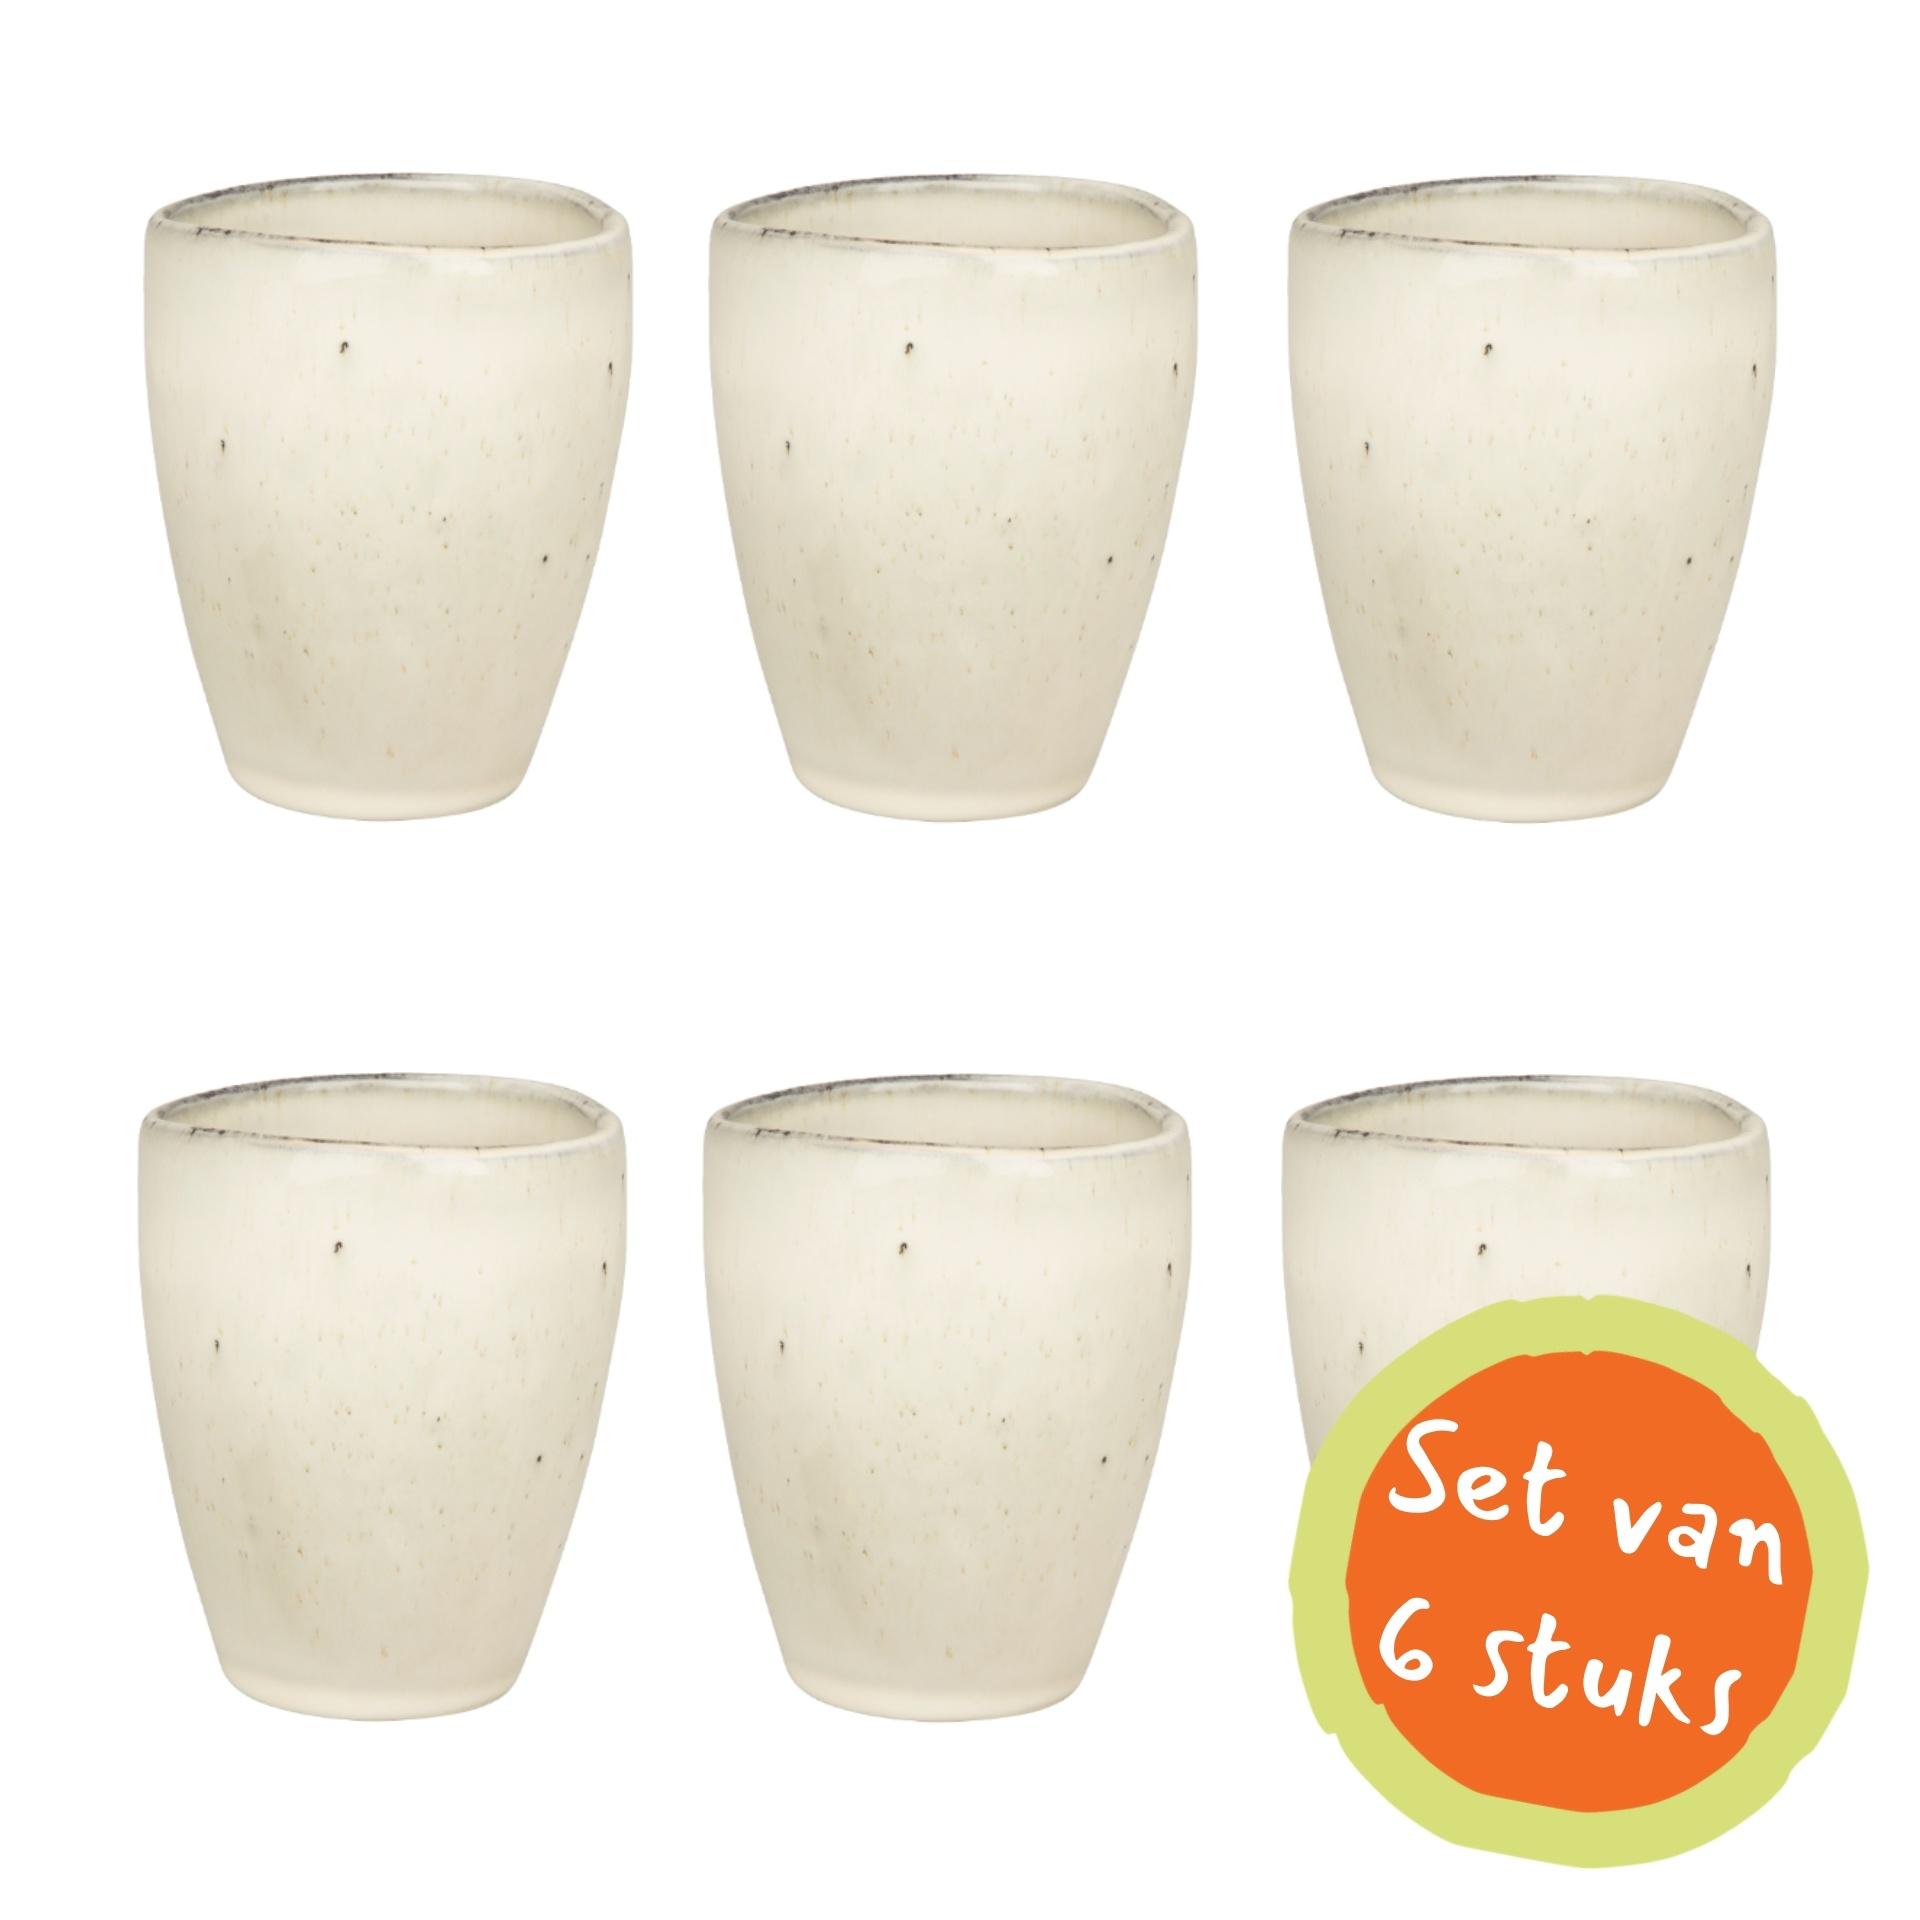 Broste Copenhagen beker/mok Nordic Sand - grijs/wit aardewerk - 250 ml - set van 6